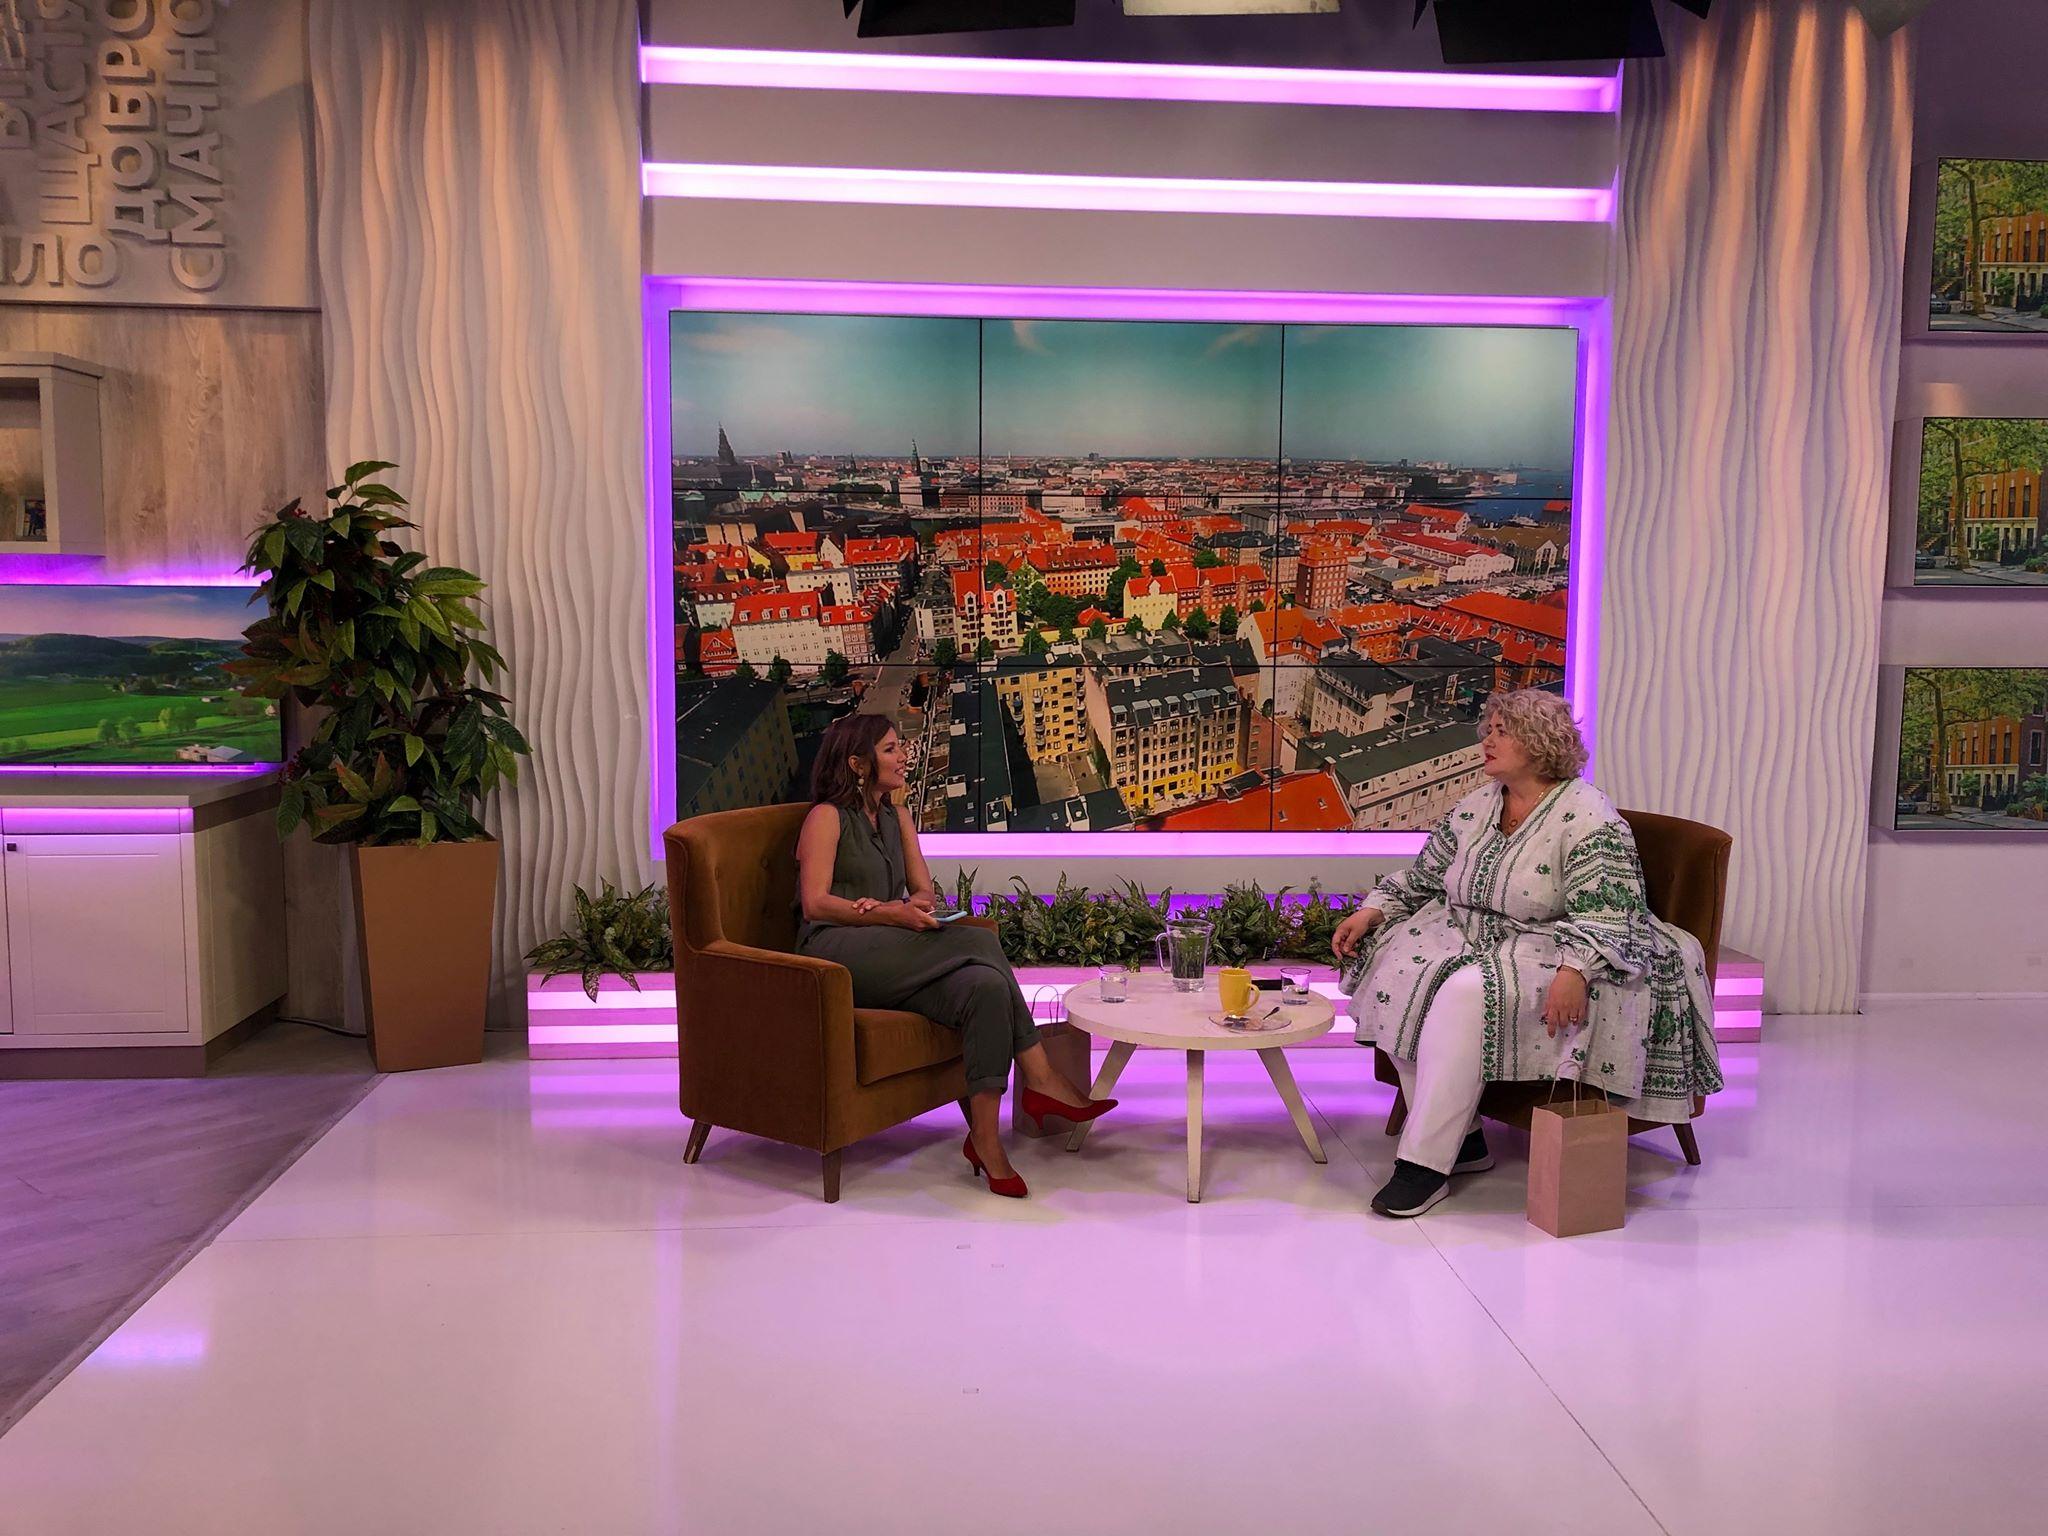 Наталя Підлісна в «Сніданку після Сніданку»: про сексуальну освіту, закомплексованих людей та ставлення до віку